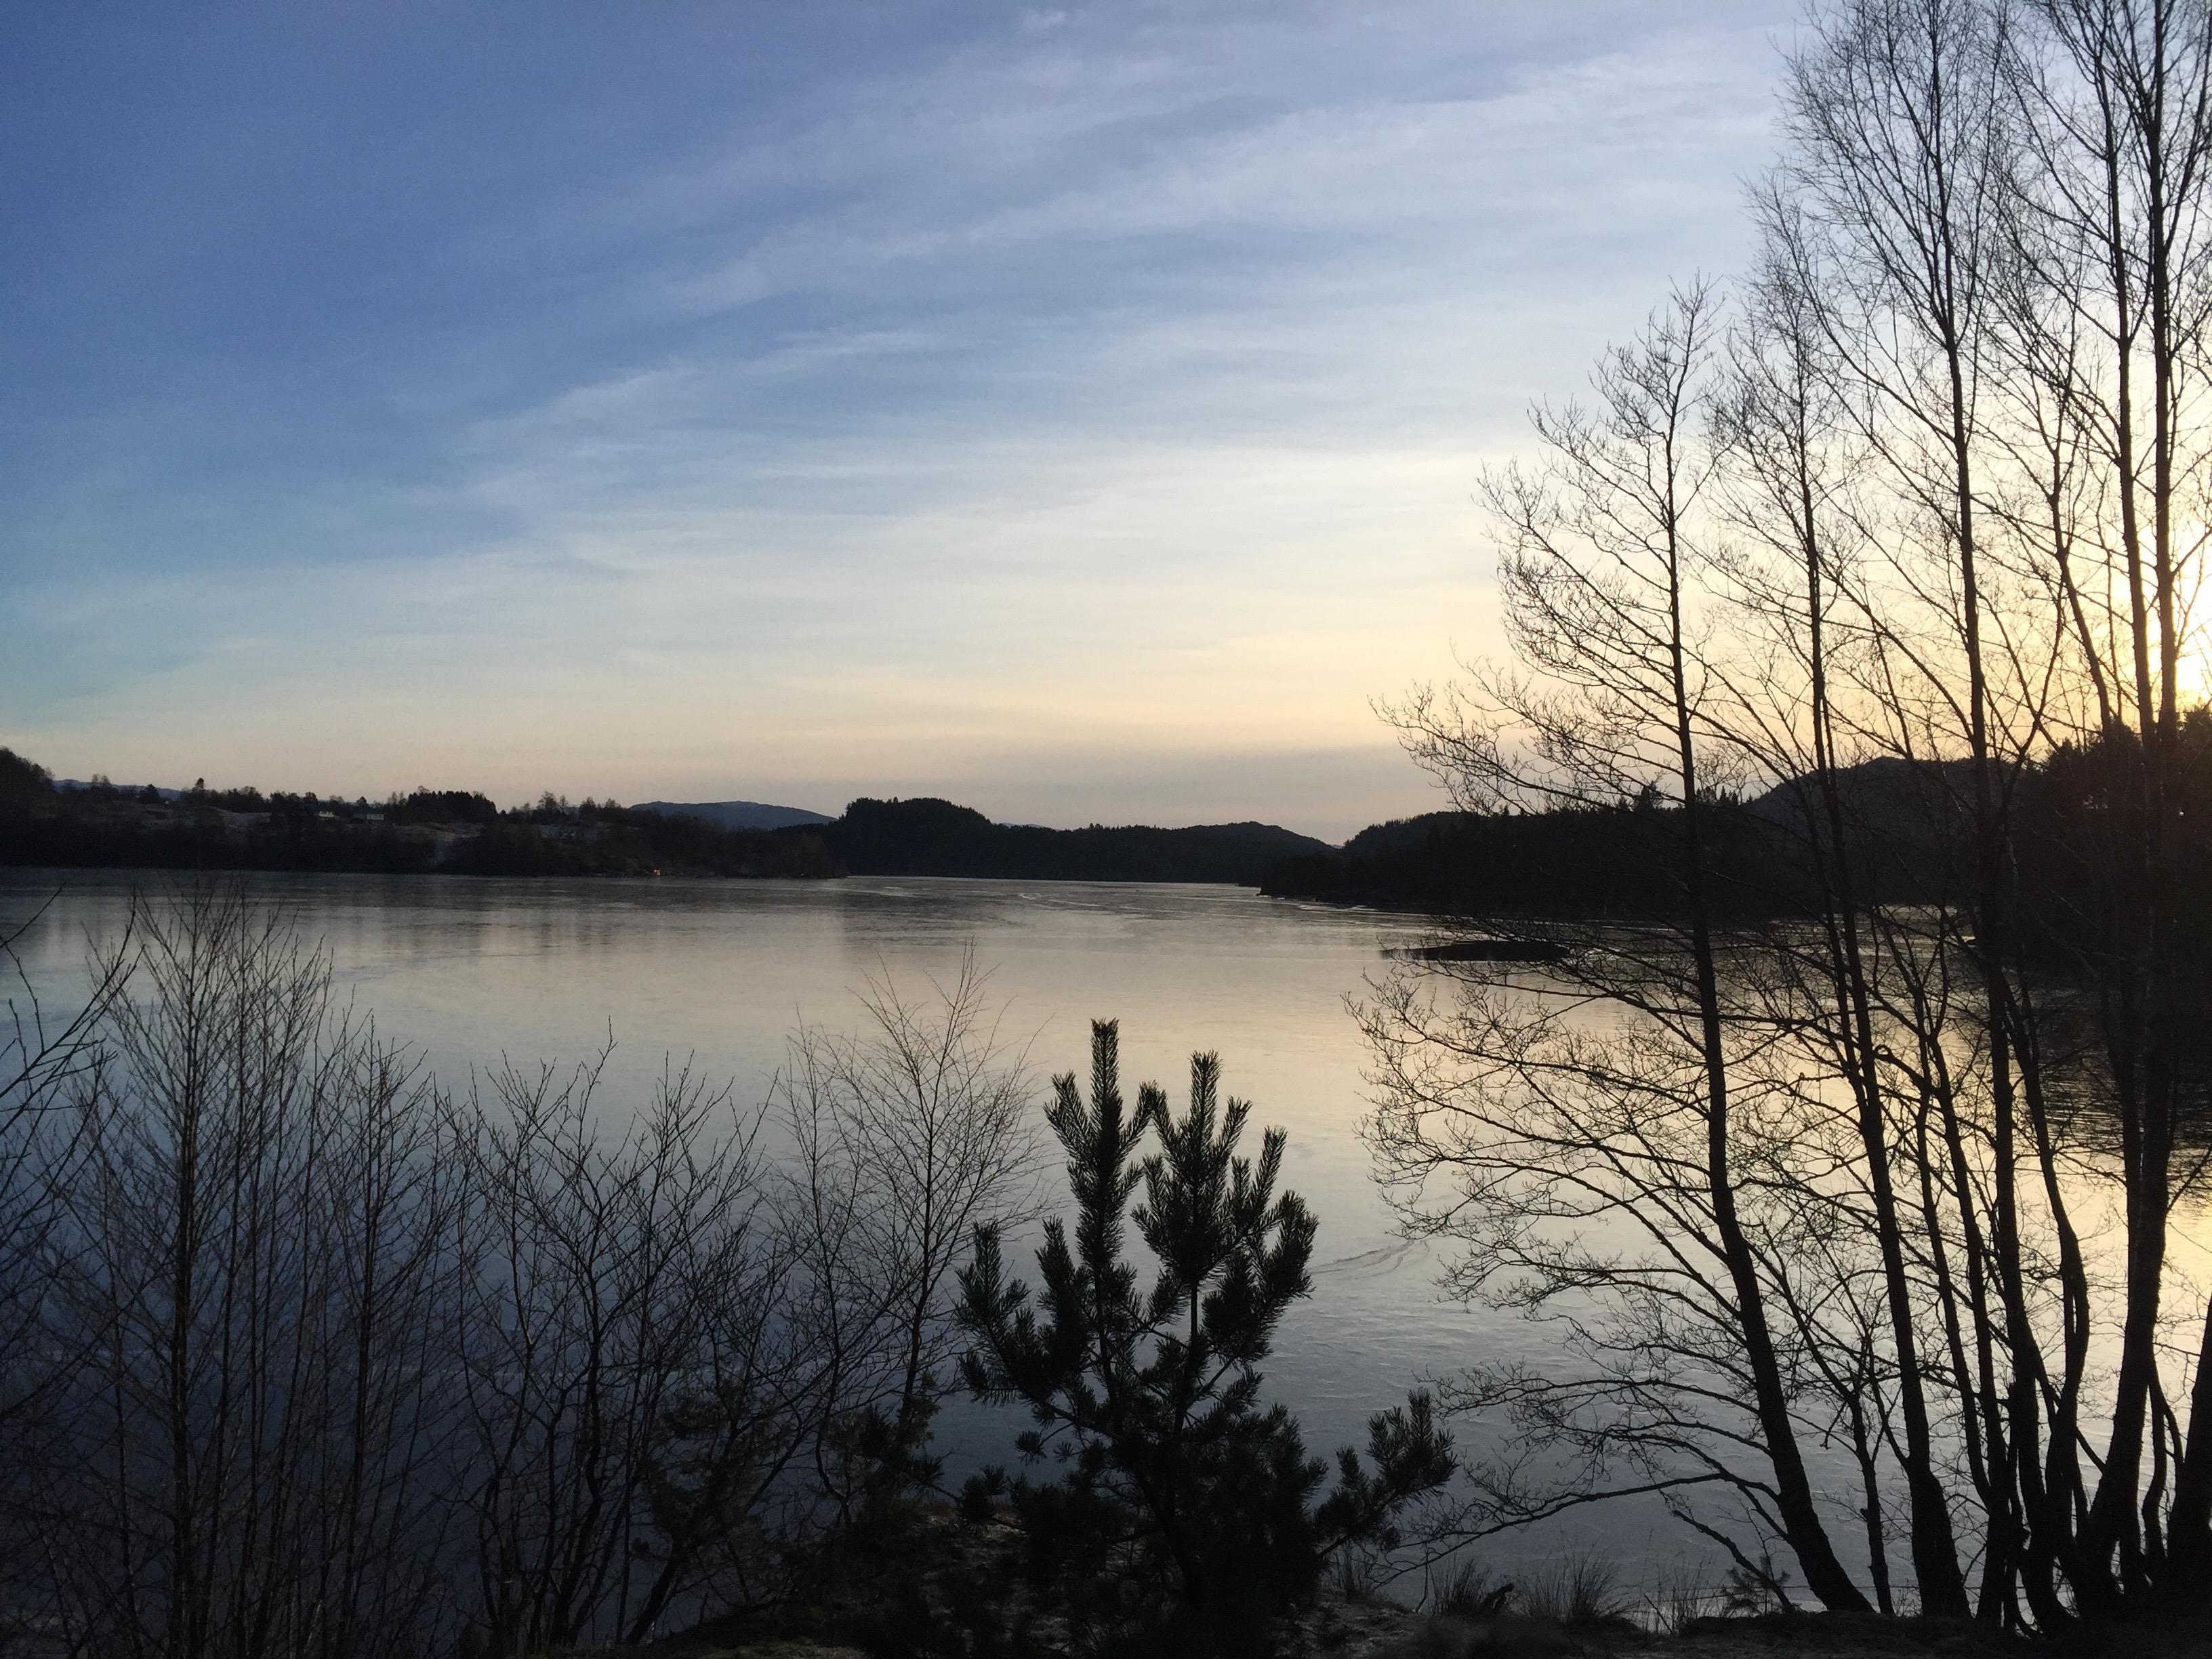 Vaulsneset ved Tveitavatnet, Lindås